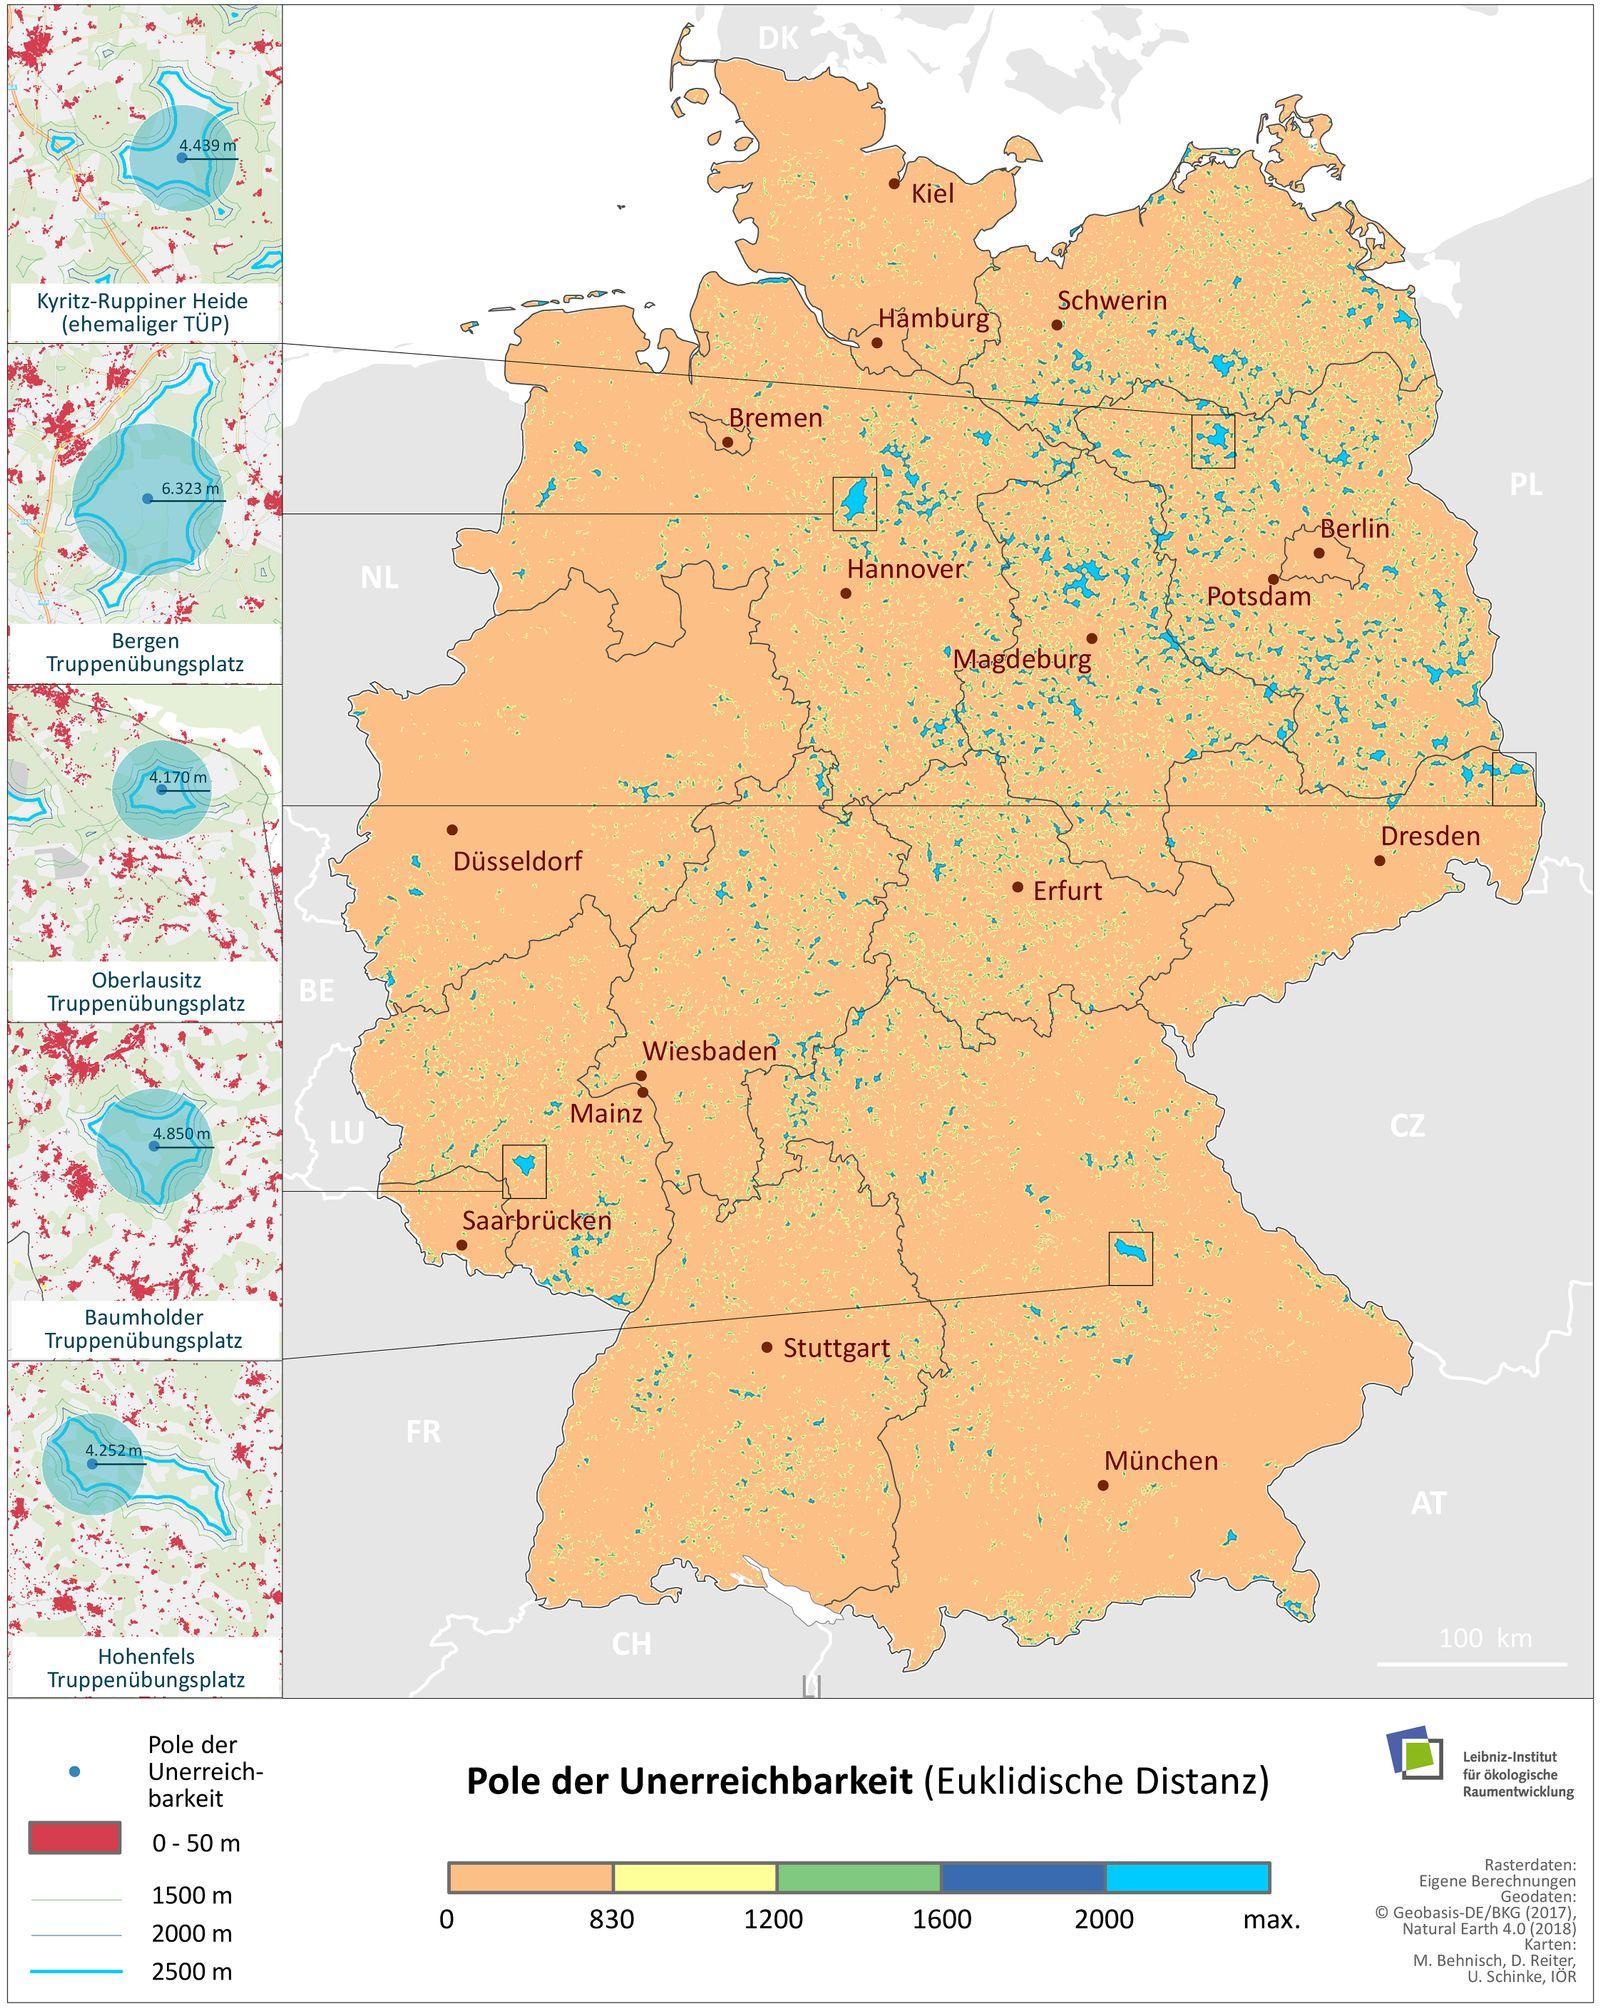 Wohnen in Deutschland: So nah ist das nächste Haus - DER SPIEGEL